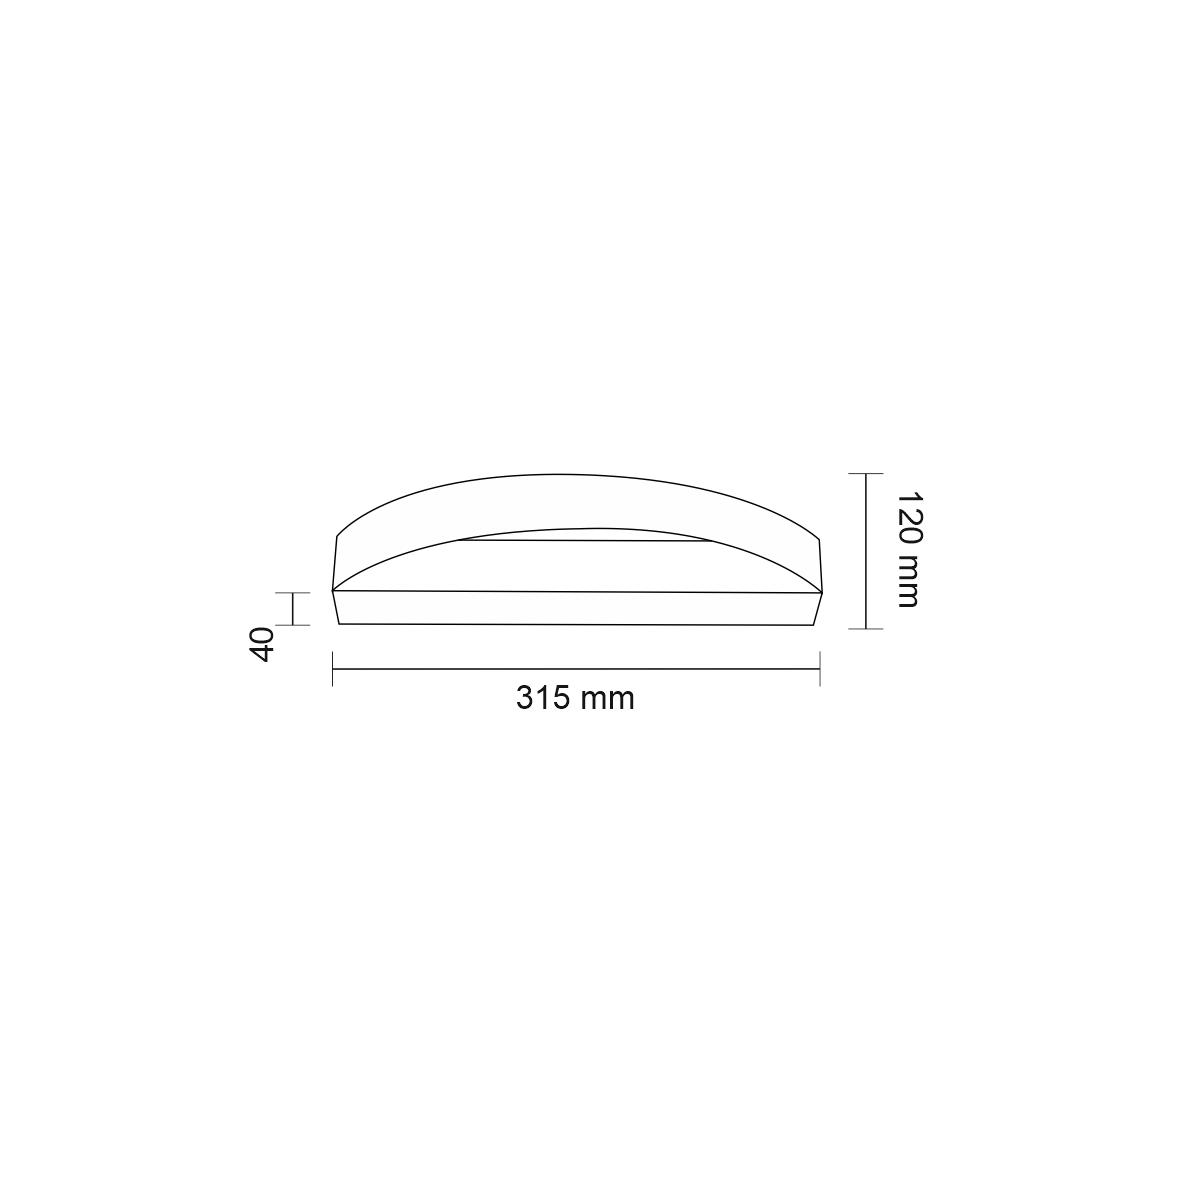 Shilo ENIWA LED 3,5W 238lm czarny kinkiet 4452